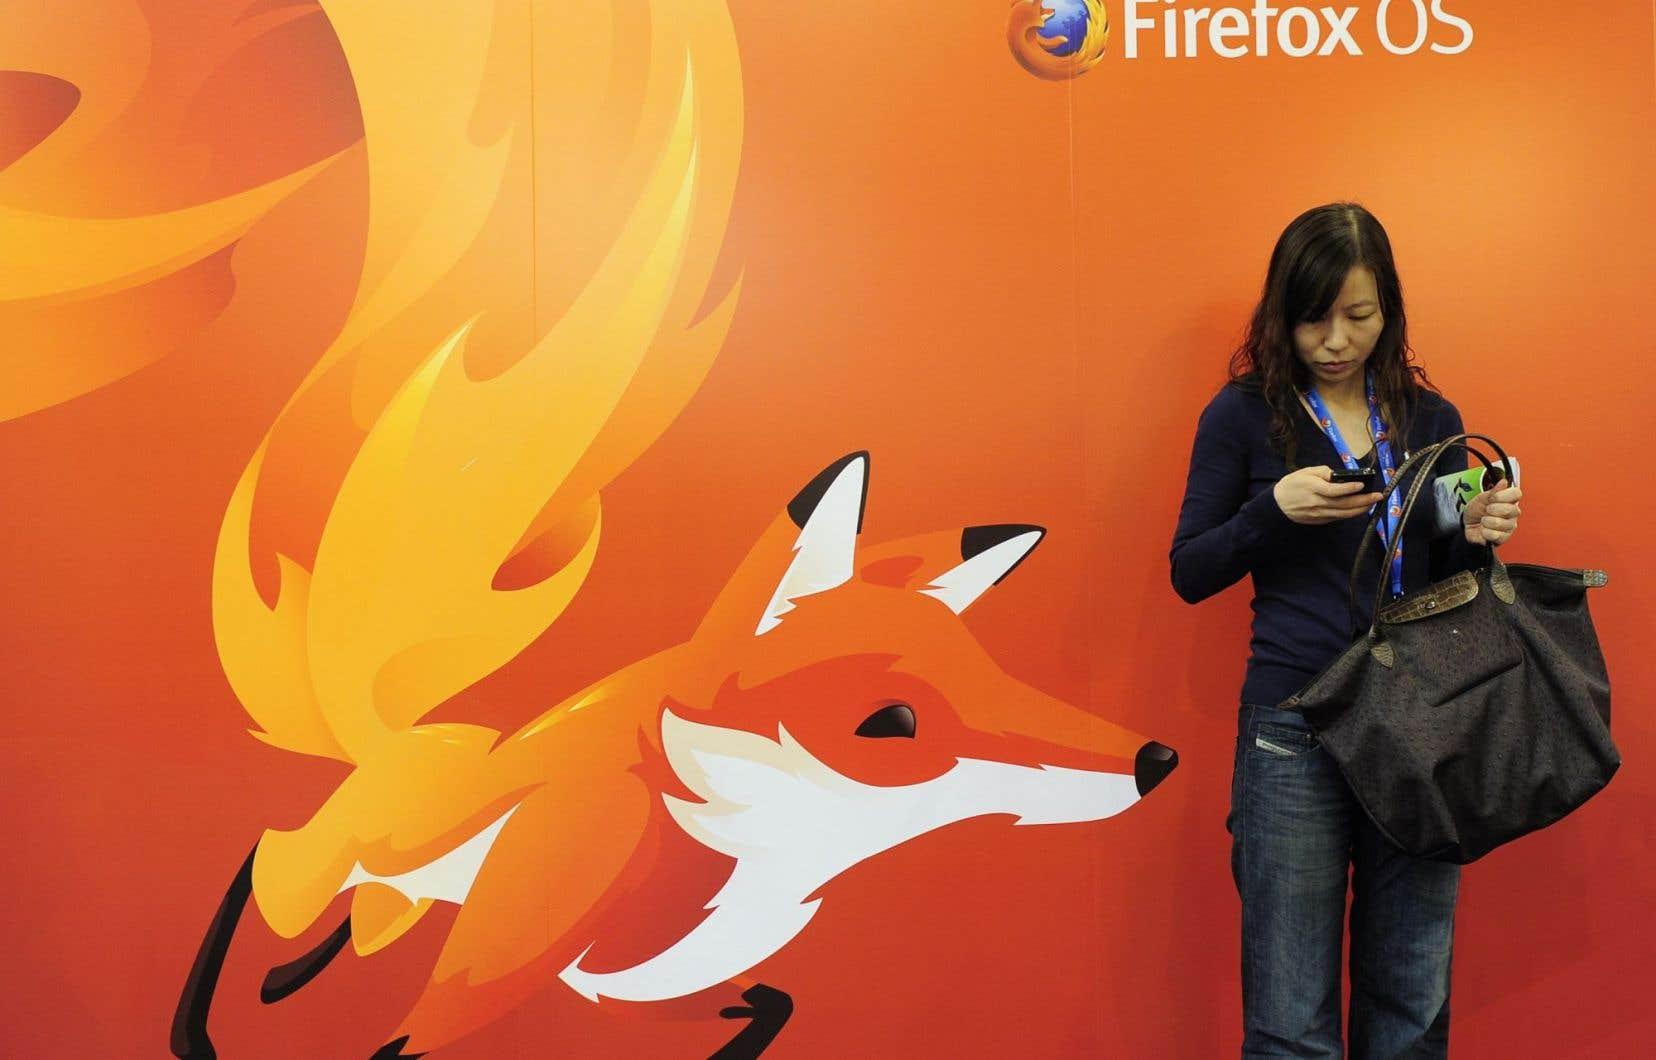 Mozilla est une organisation à but non lucratif ayant conçu le navigateur Firefox.